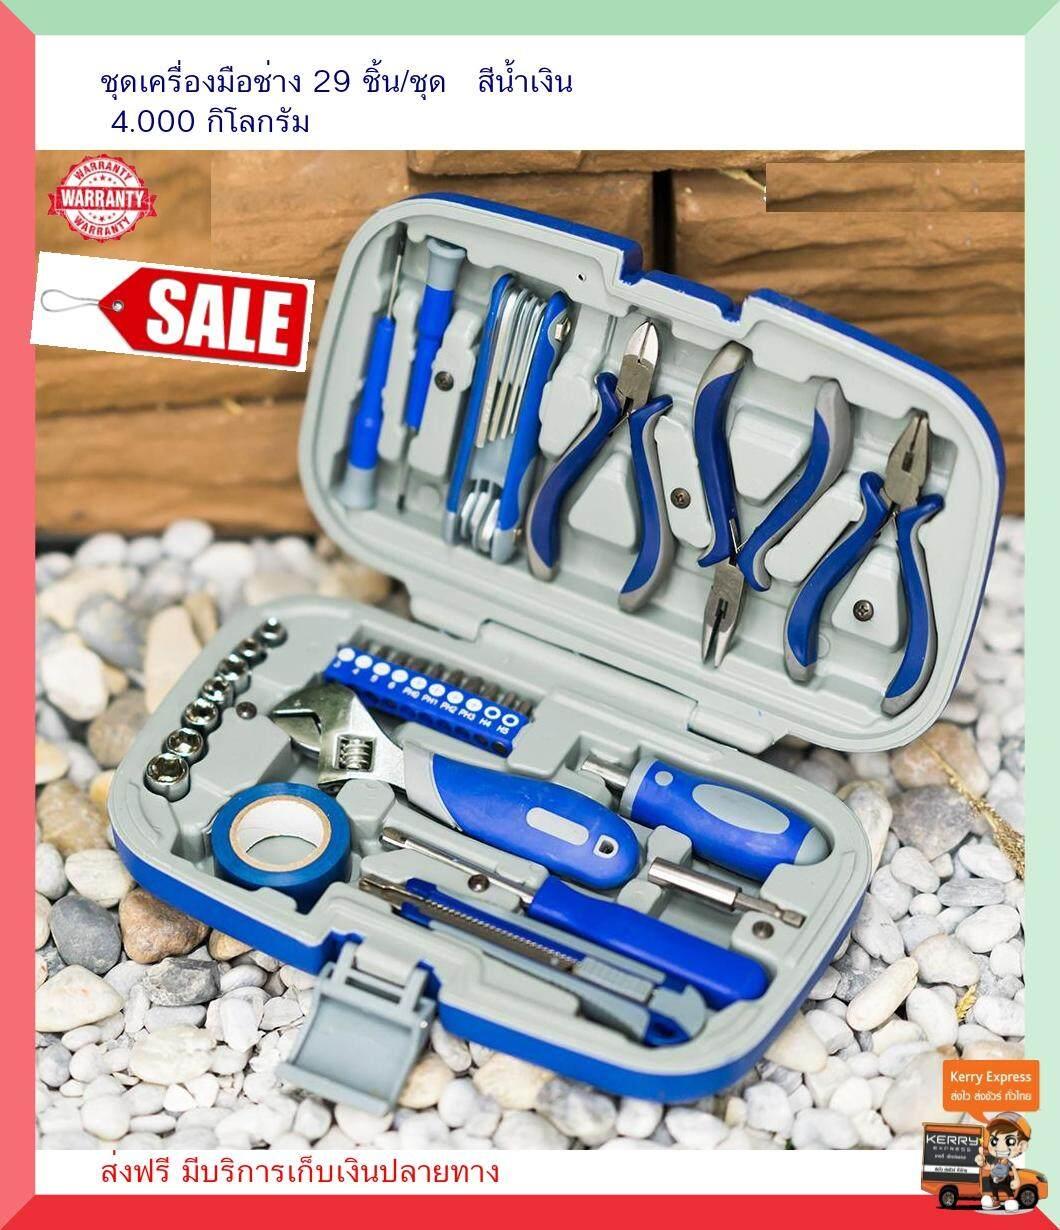 สุดยอดสินค้า!! ส่งฟรี!! Kerry อุปกรณ์เครื่องมือช่าง ชุดเครื่องมือขนาดพกพา ชุดเครื่องมือช่าง 29 ชิ้น/ชุด สีน้ำเงิน ใช้เป็นเครื่องมือใช้ถอด หรือ ประกอบสิ่งของต่างๆ สามารถเลือกได้ตามการใช้งาน  (มีบริการเ